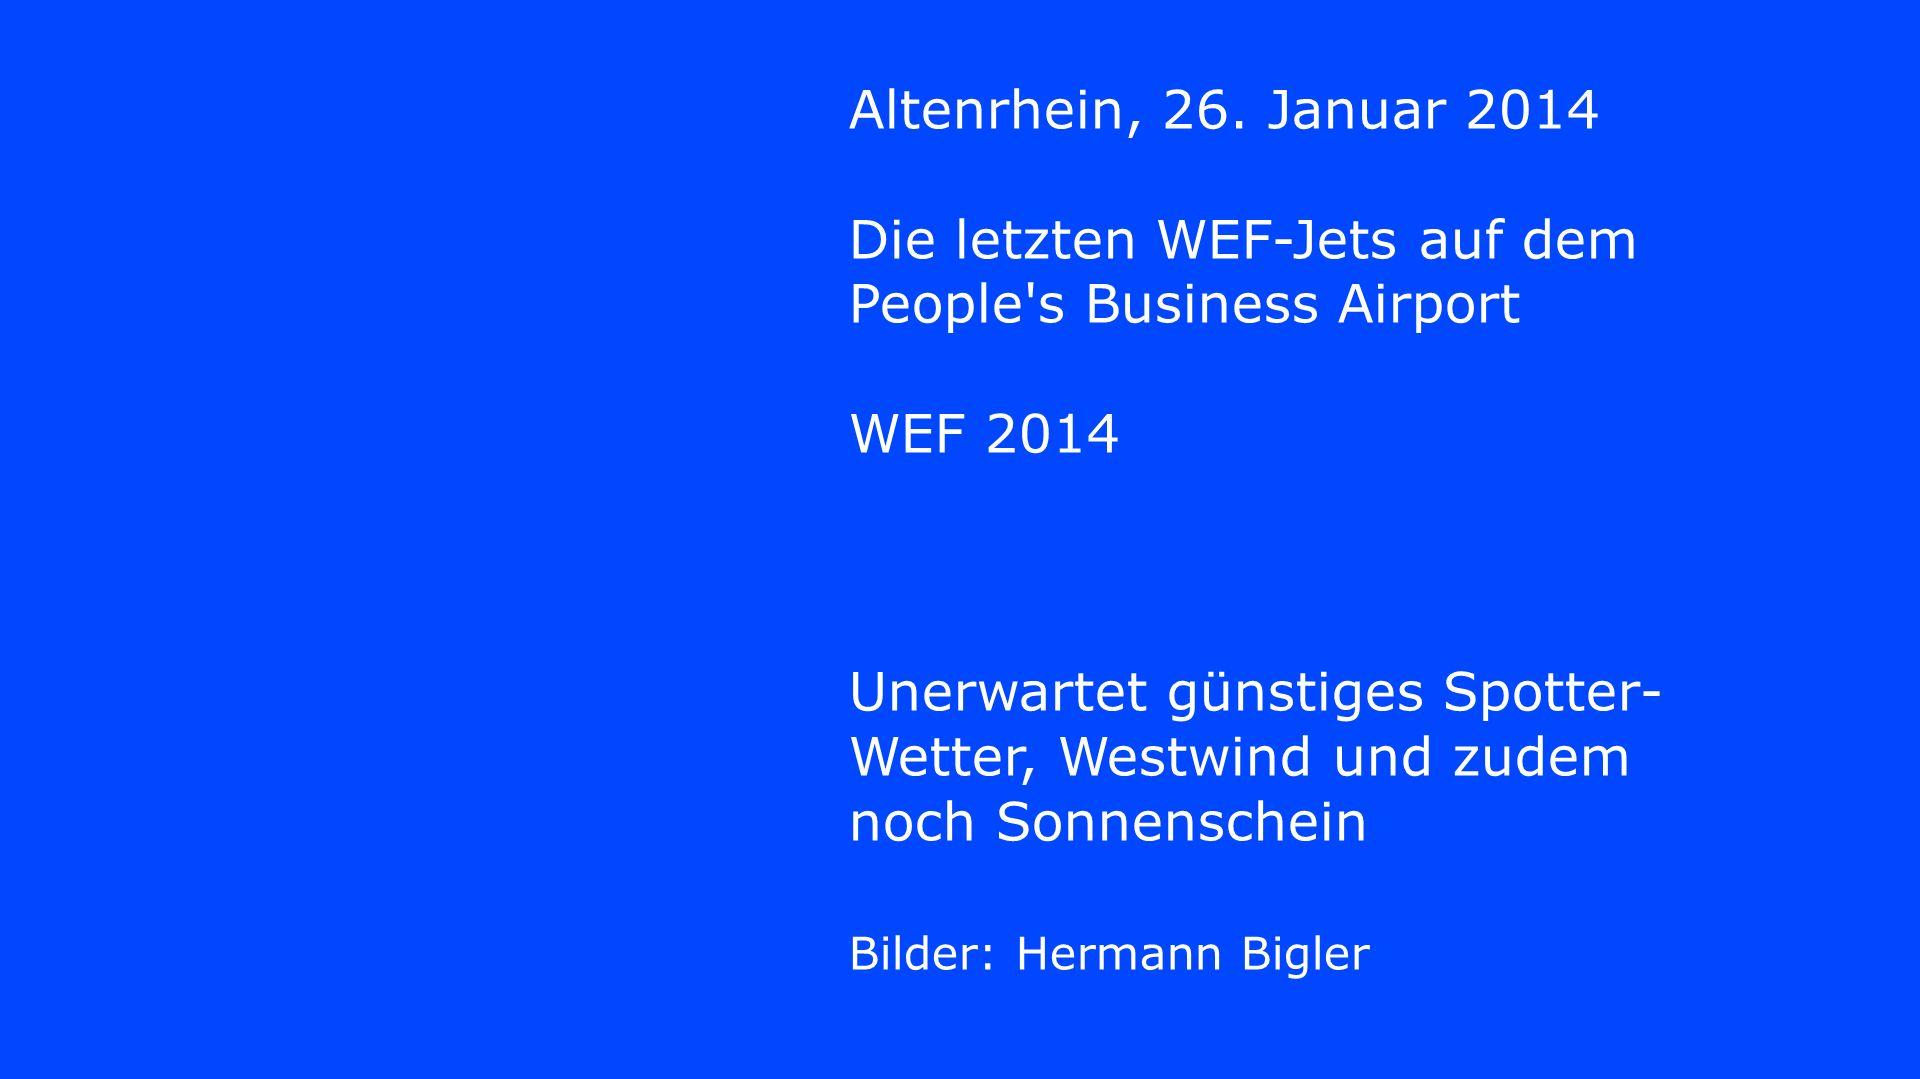 Altenrhein, 26.